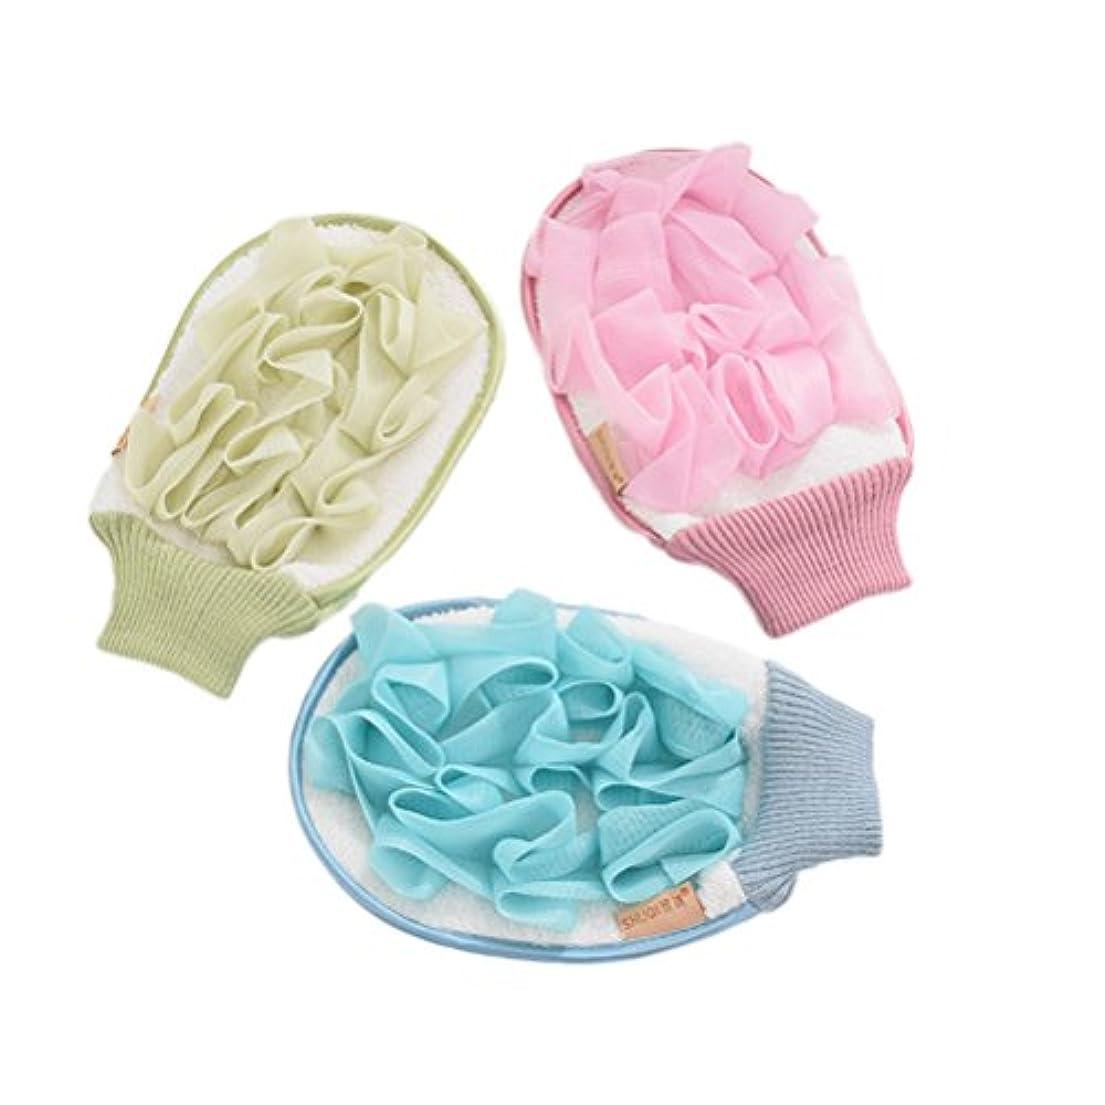 石鹸謎めいたあいにくHealifty ボディースポンジ シャワー用 グローブ シャワーボール 泡立てネット 背中も洗える メッシュ ボディ洗い泡肌美人 マッサージ 厚さ 3セット(色アソート)